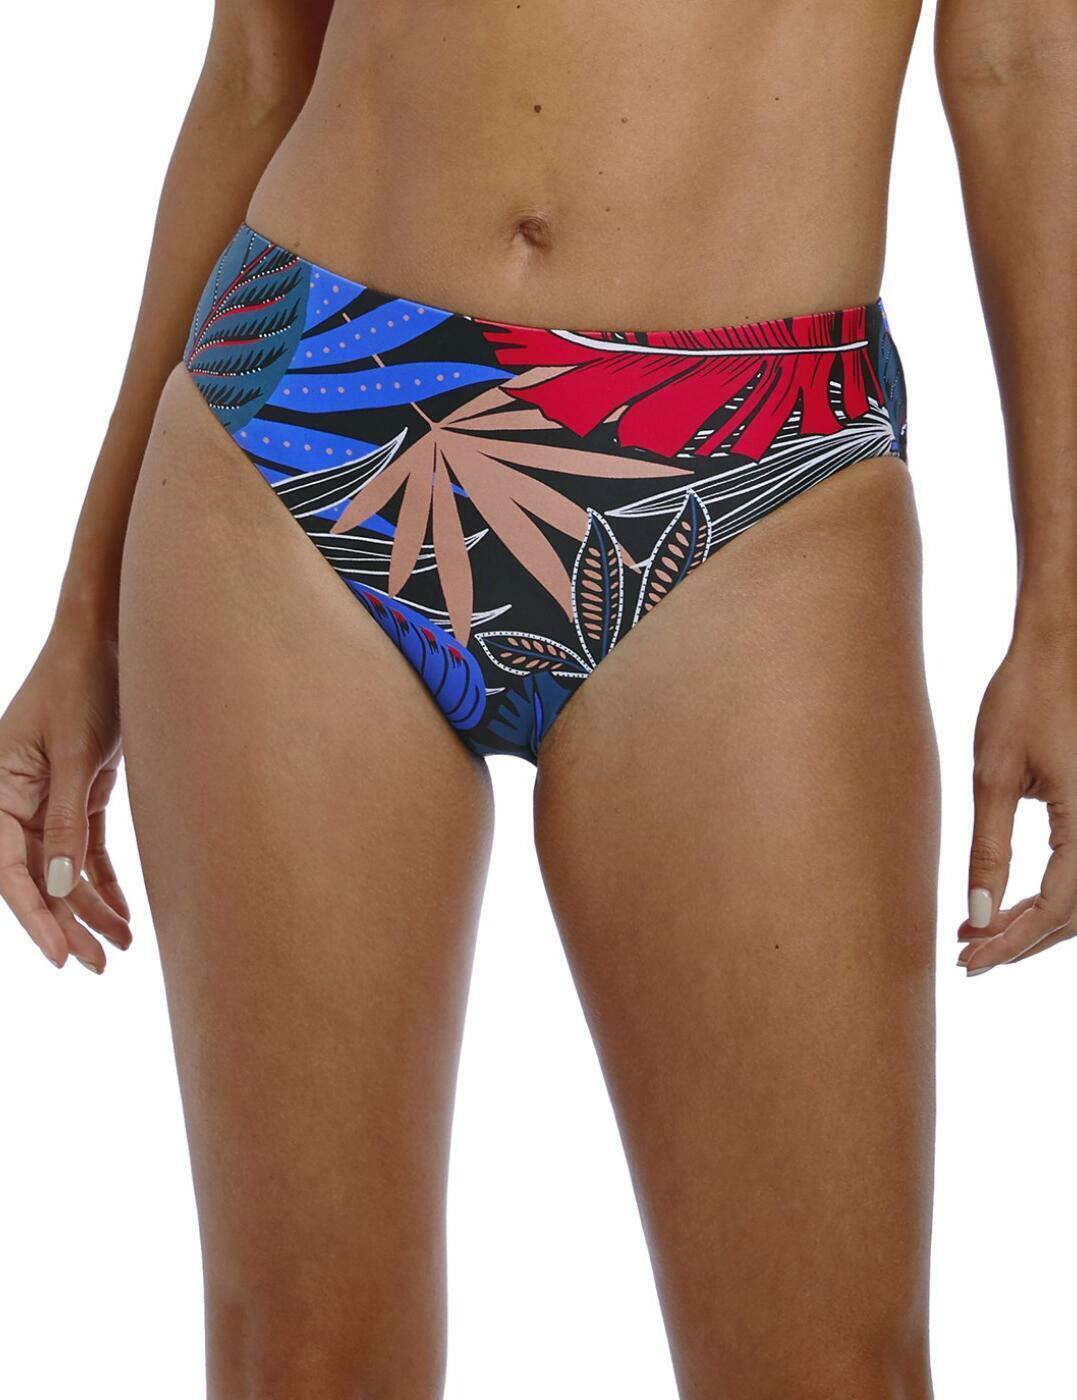 Fantasie Monte Cristi Mid Rise Bikini Brief Bottoms 6625 Fully Lined Multi